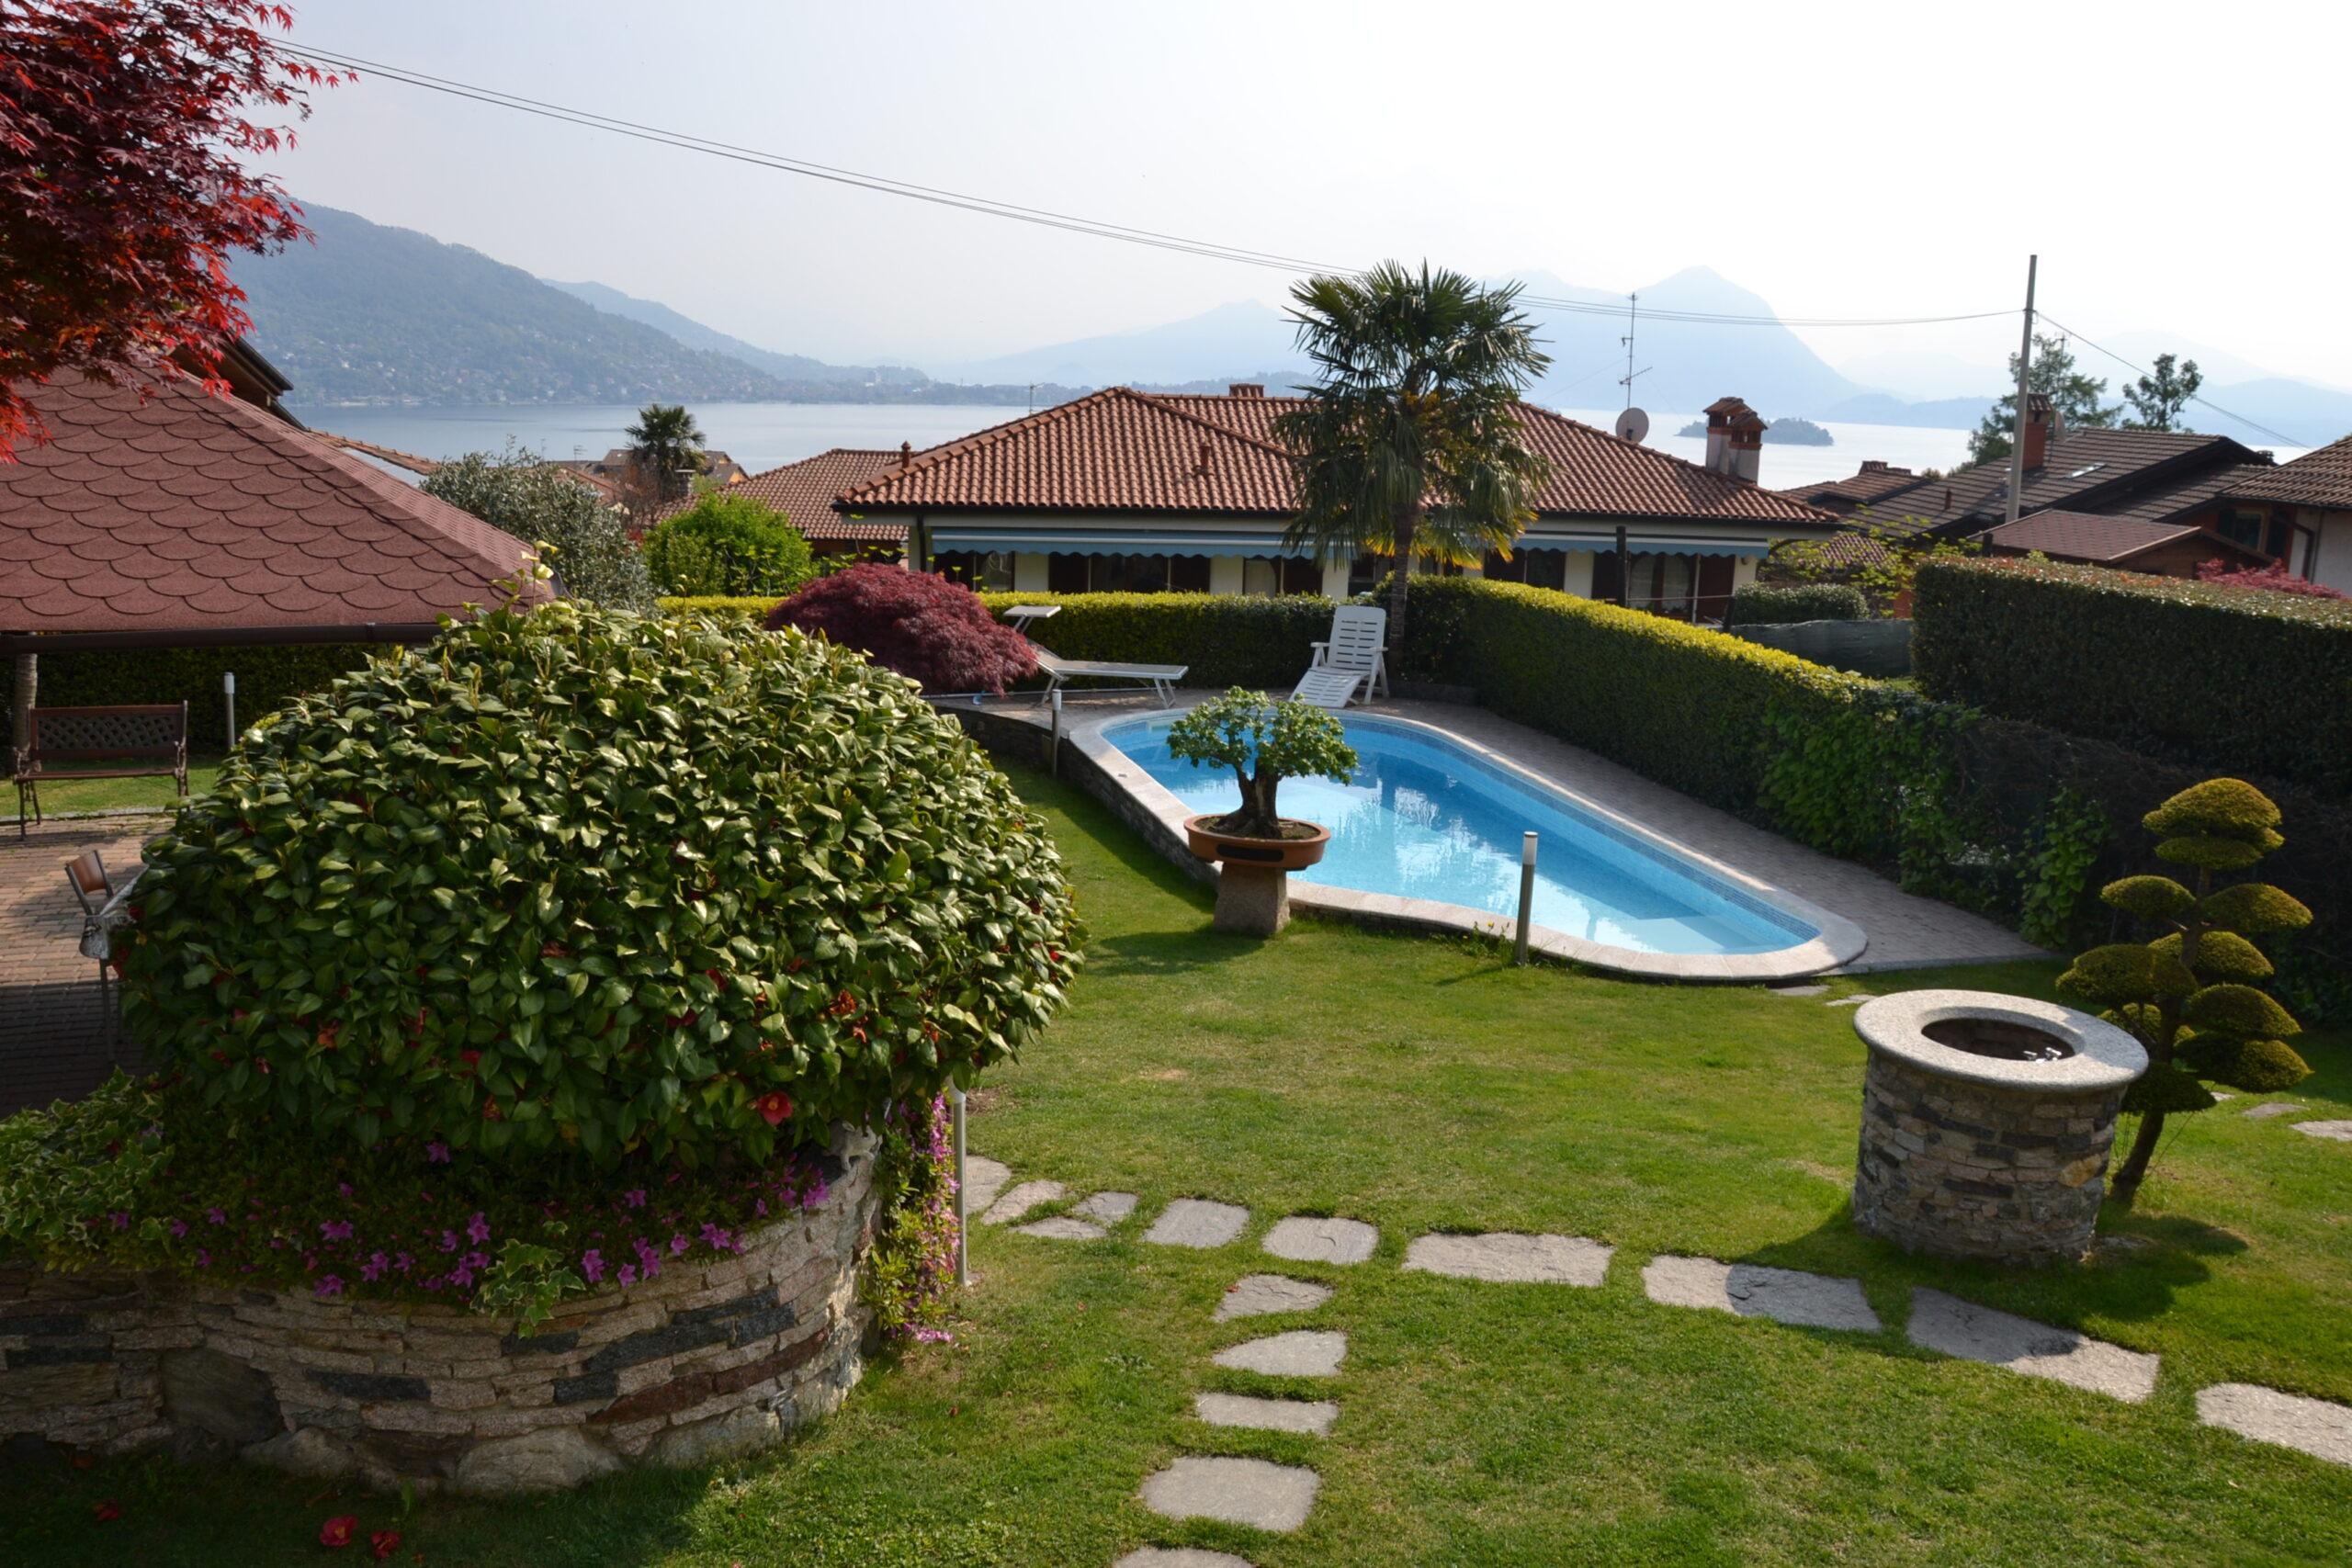 Foto Villa a schiera con piscina, Baveno